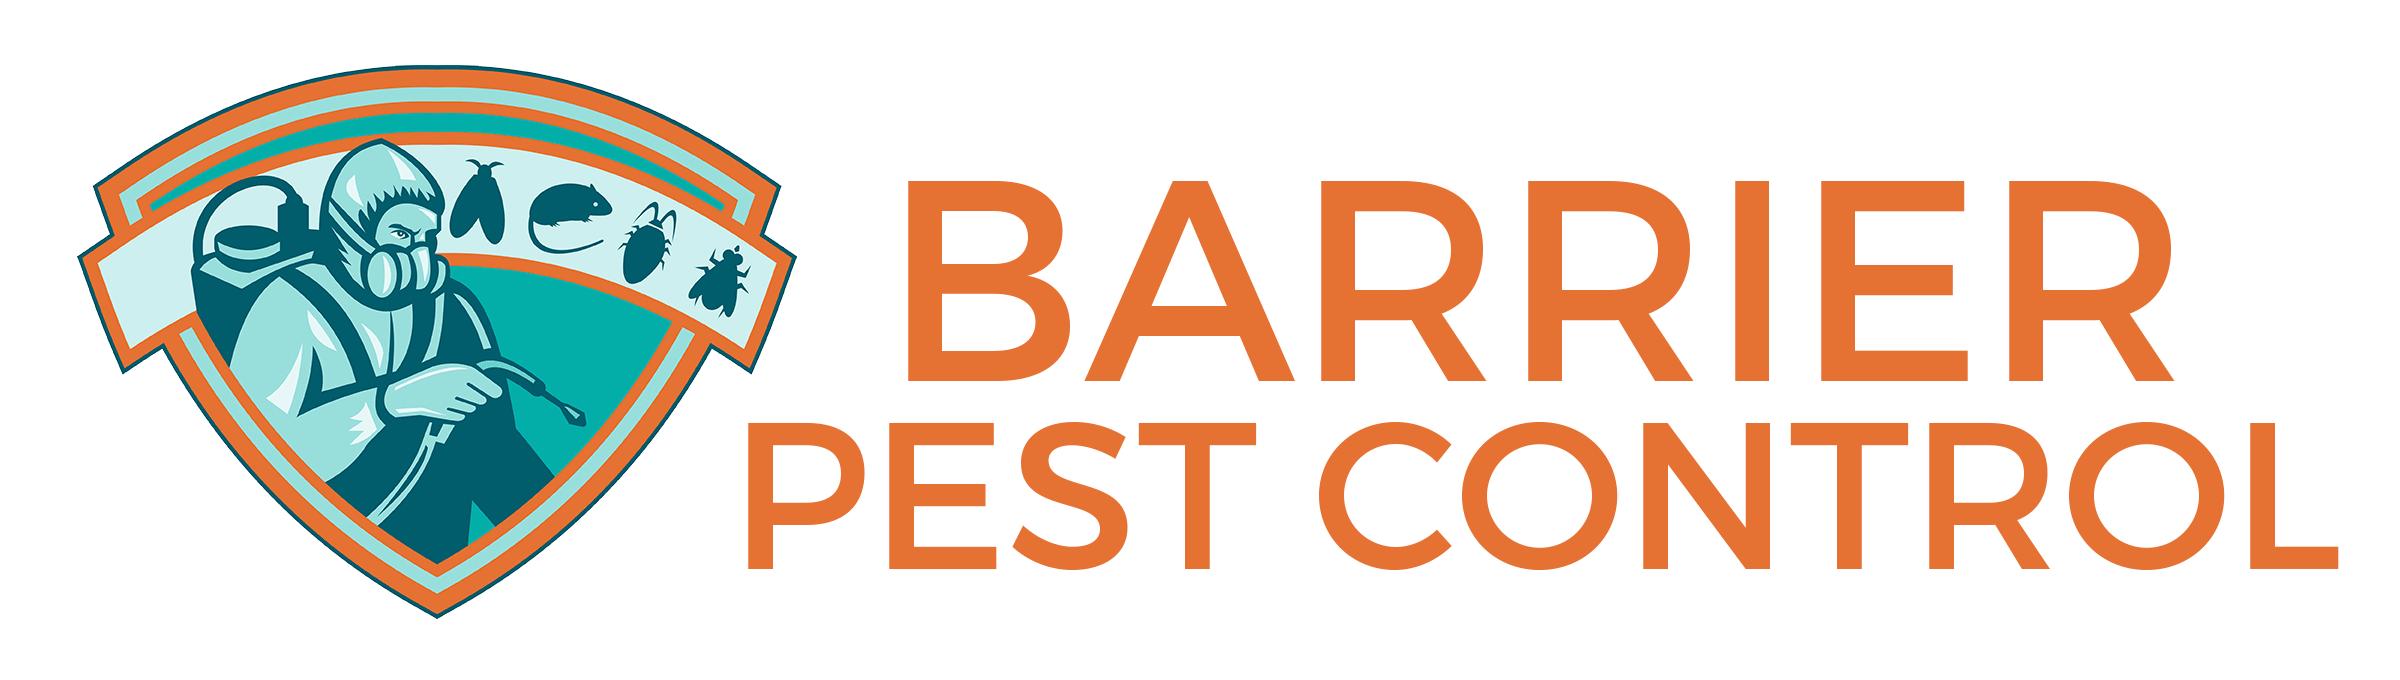 Barrier Pest Control Las Vegas